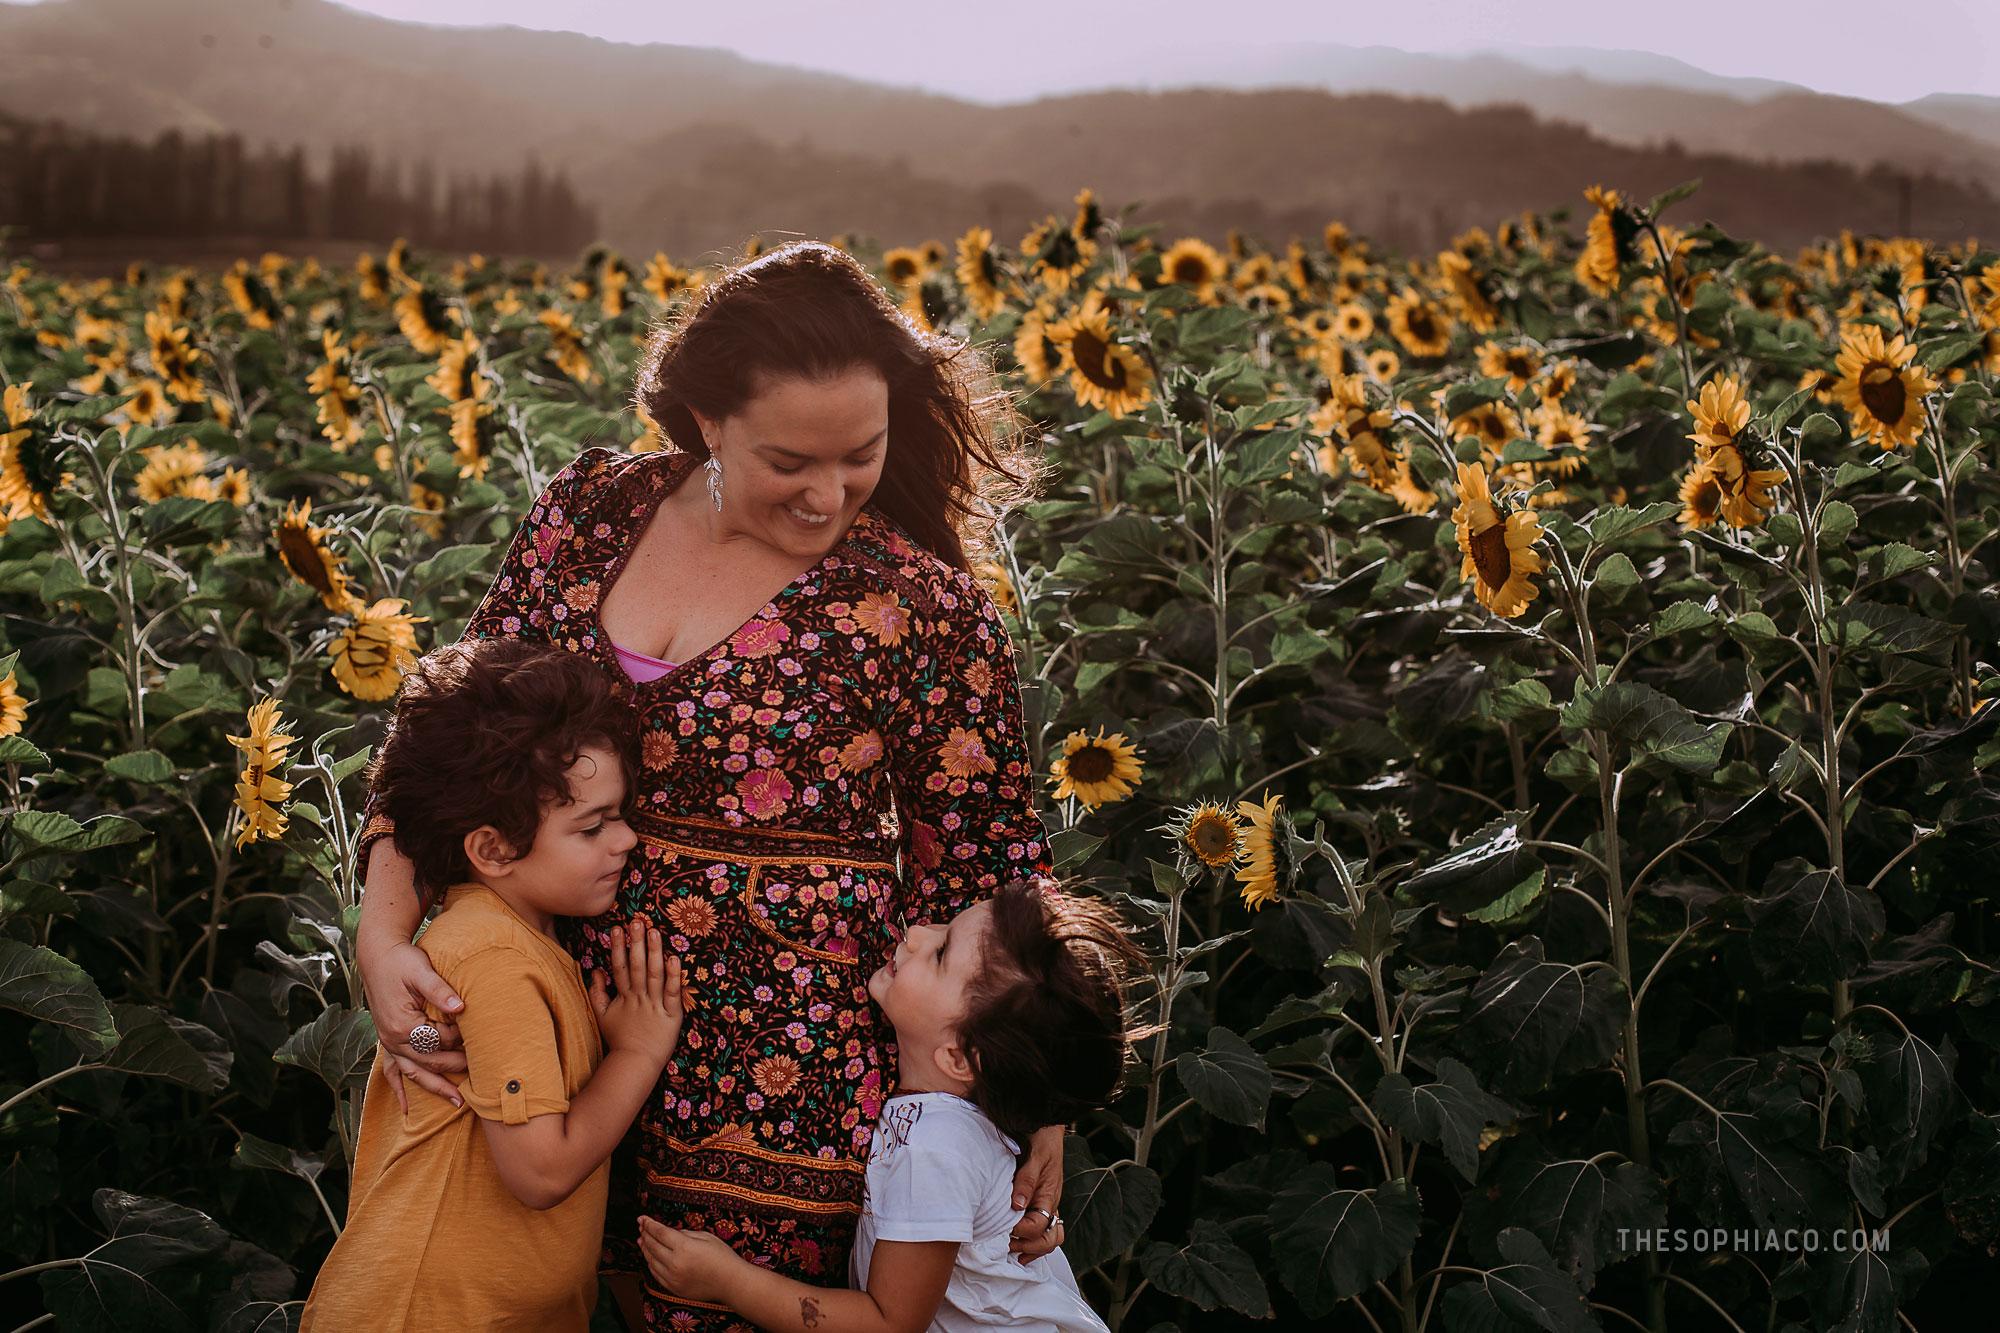 waialua-sunflowers-oahu-family-photography-06.jpg